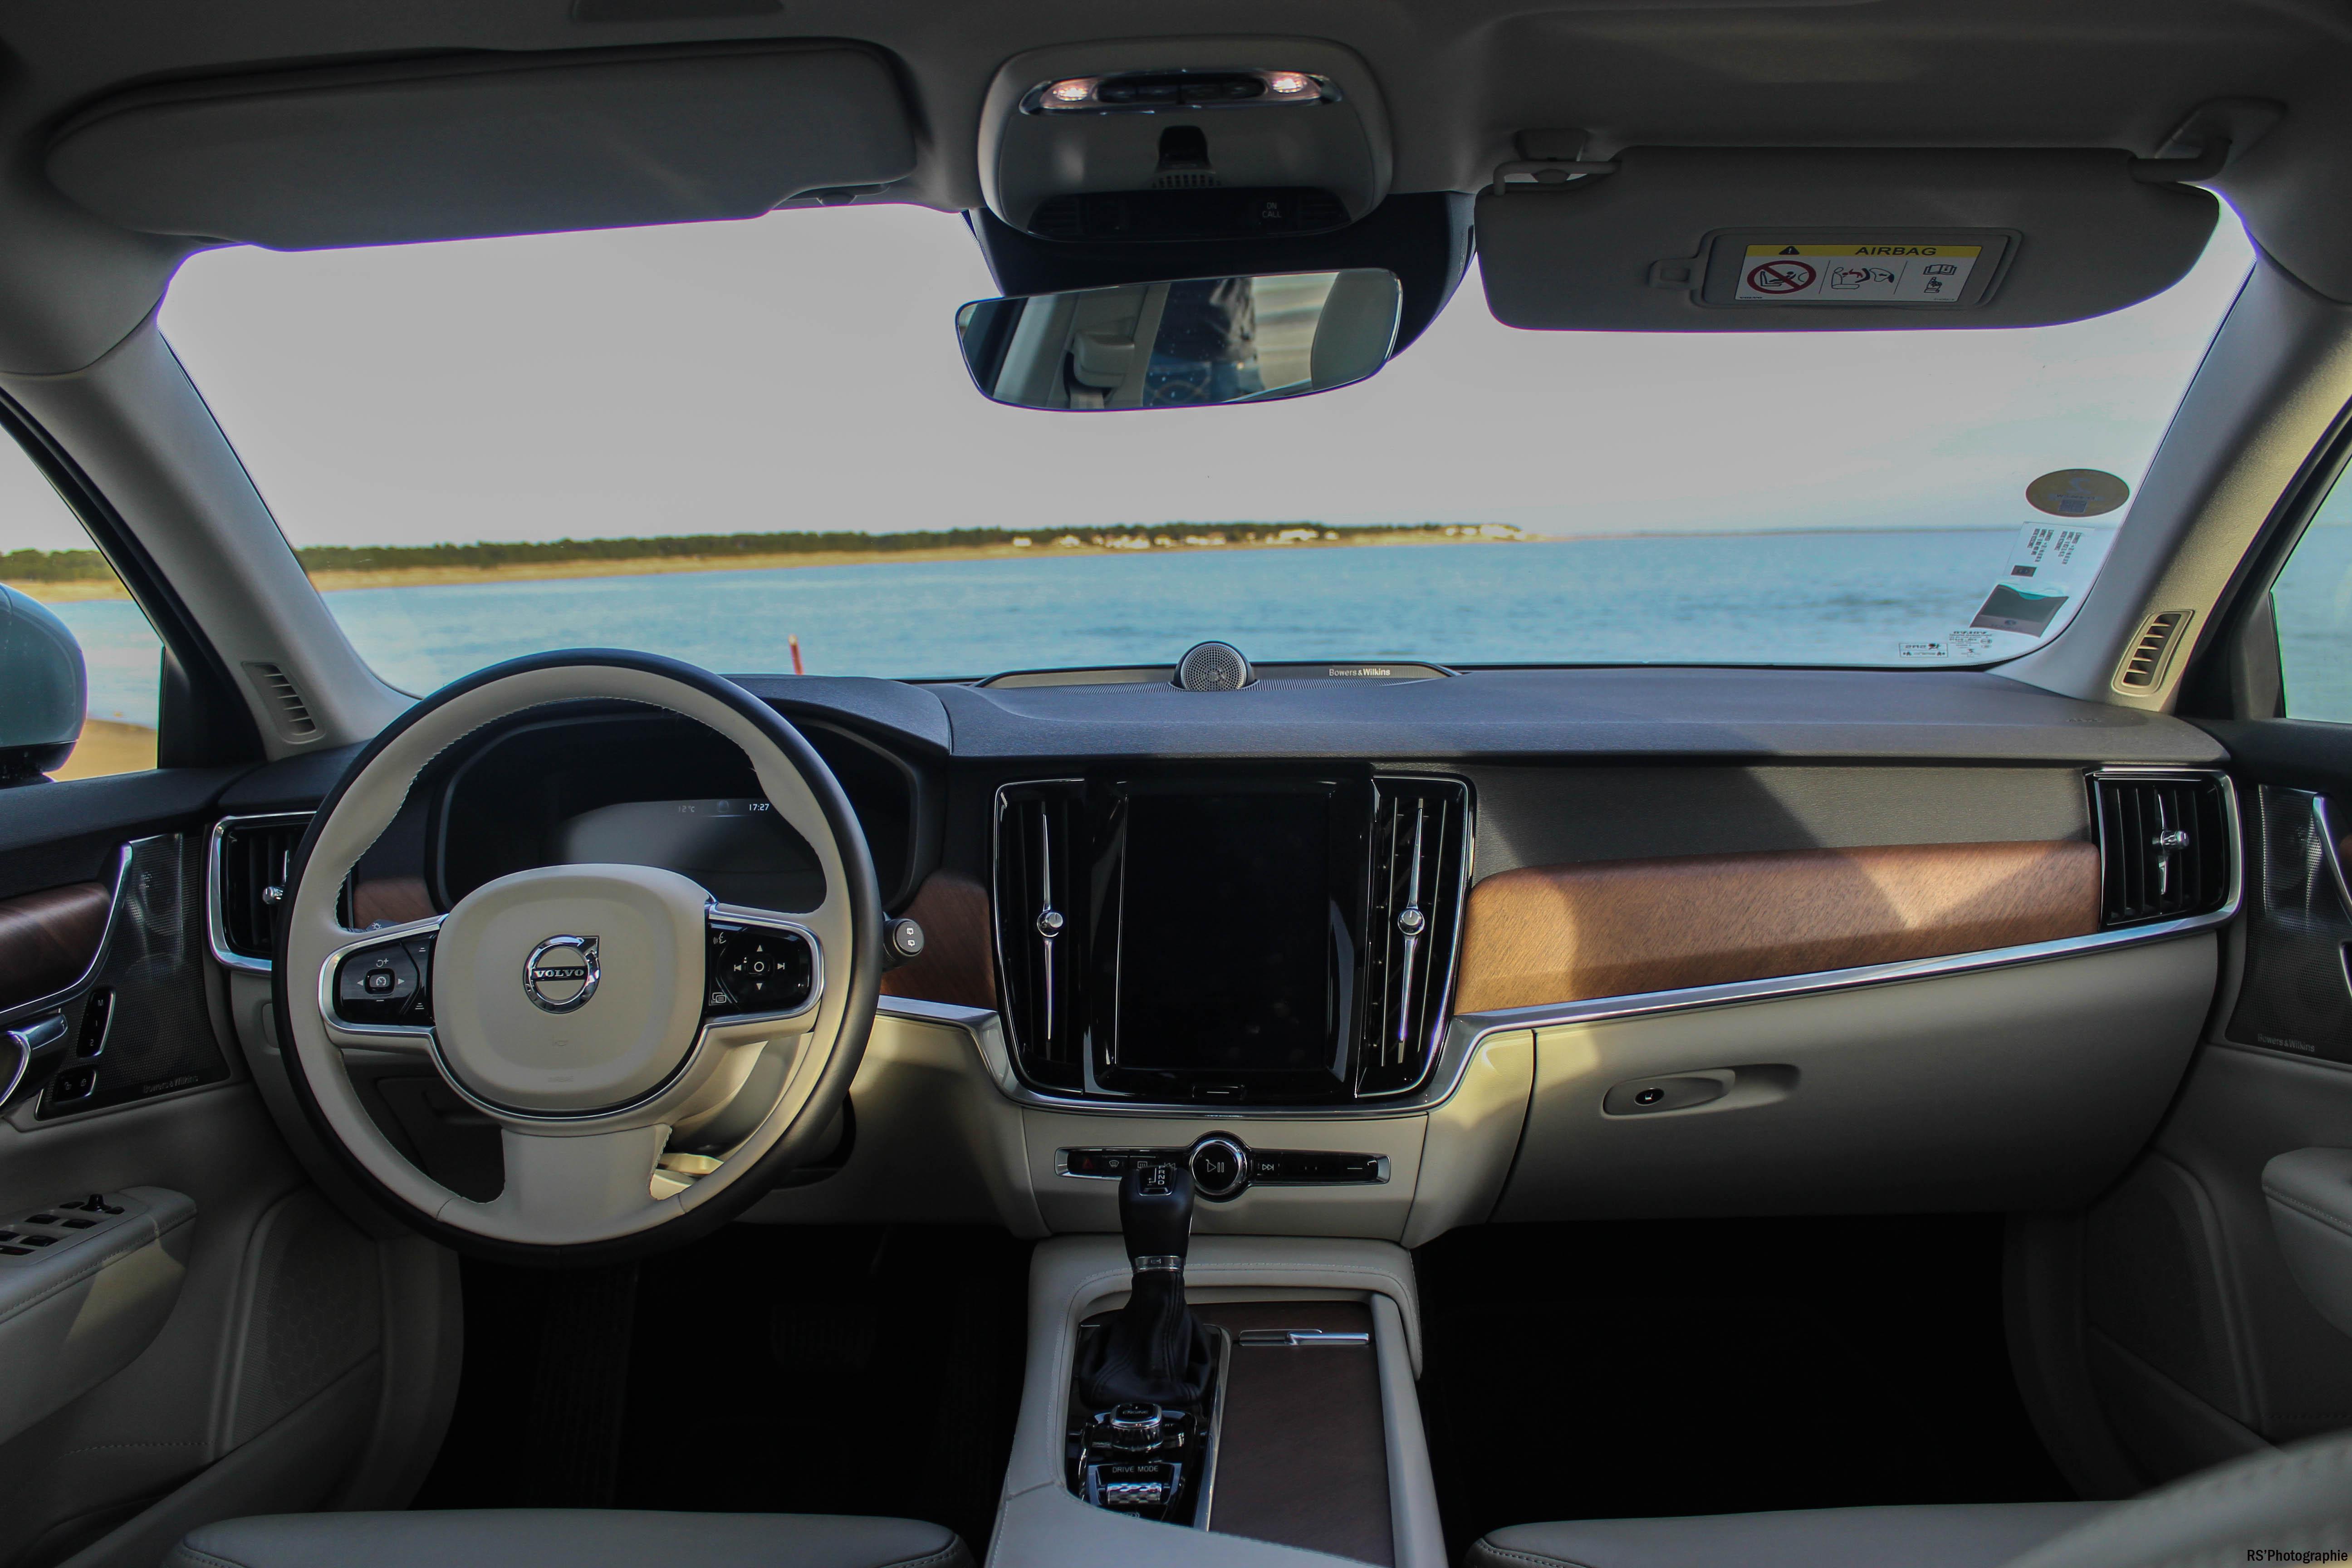 VolvoV9032-volvo-v90-d5-intérieur-onboard-arnaud-demasier-RSPhotographie